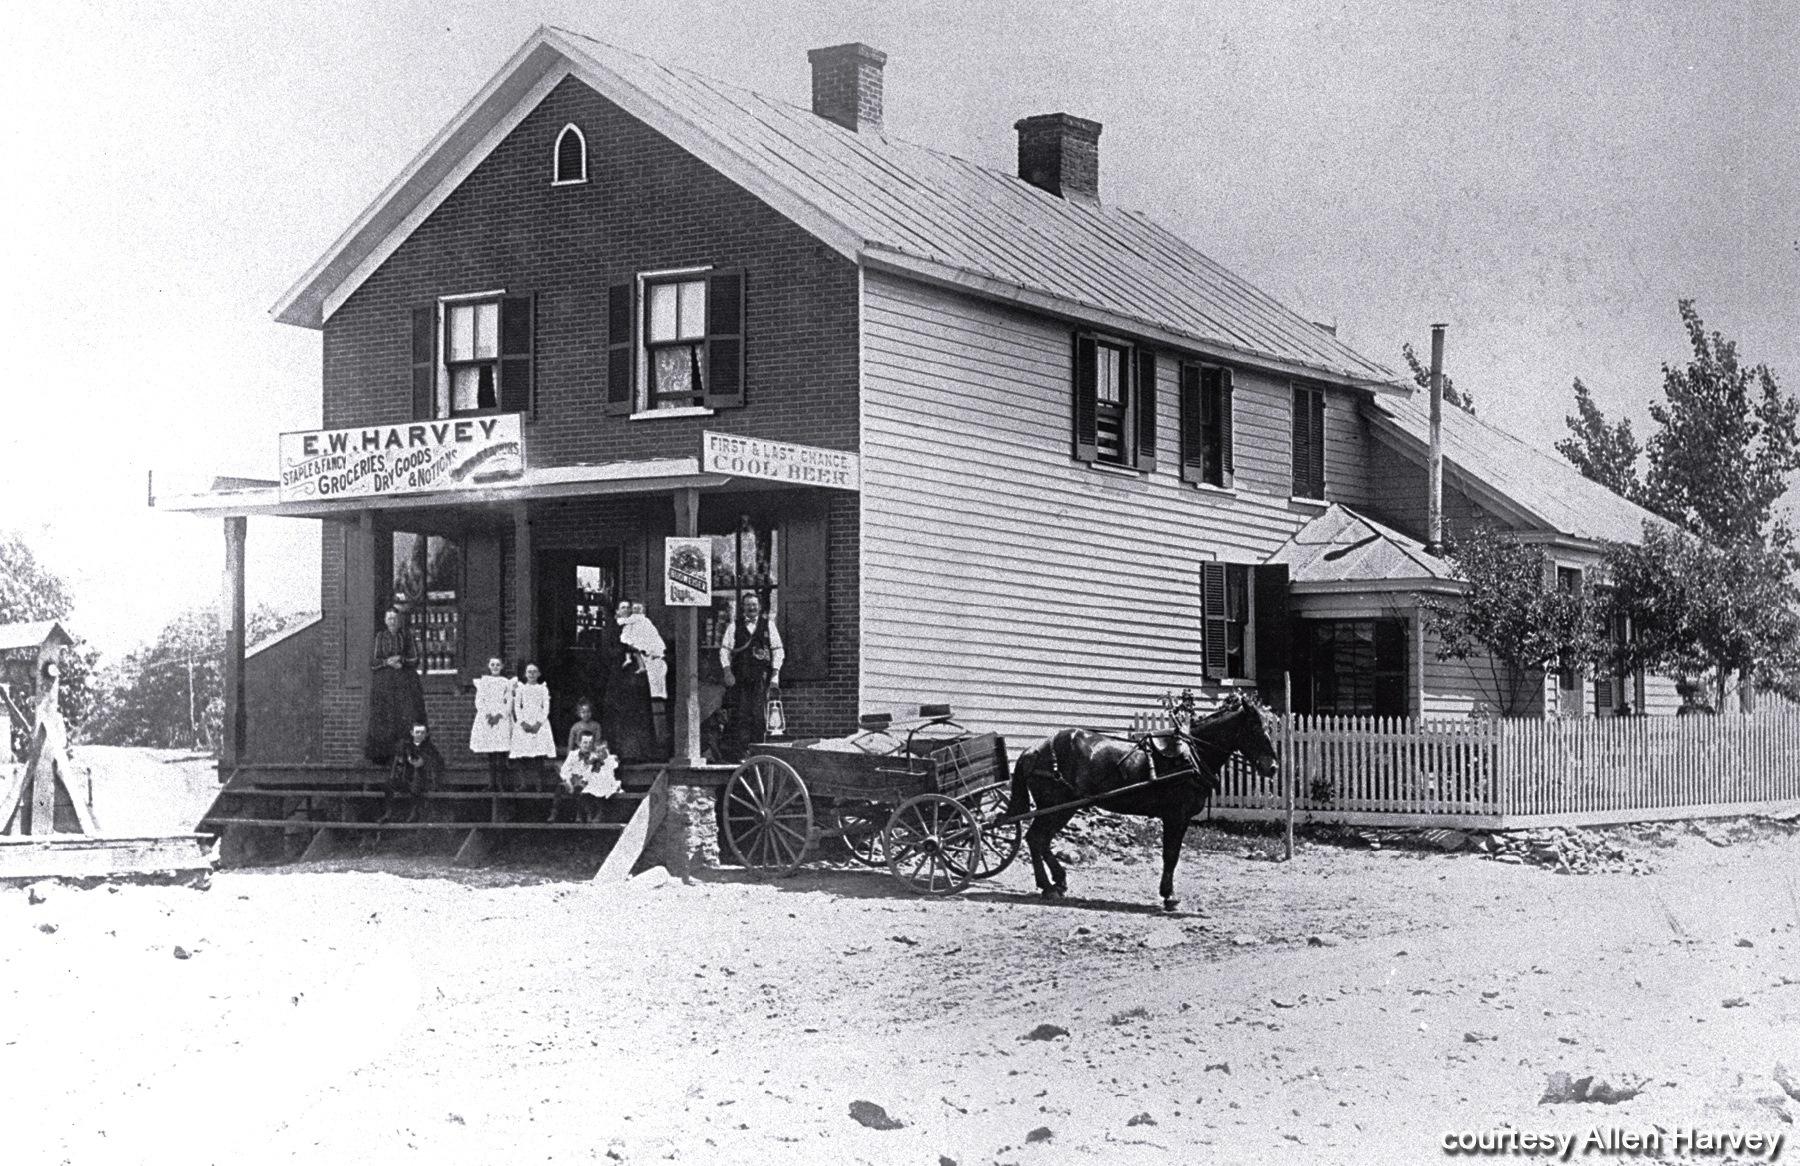 E. W. Harvey's Store, ca. 1899, corner of Fort Avenue & Wards Road